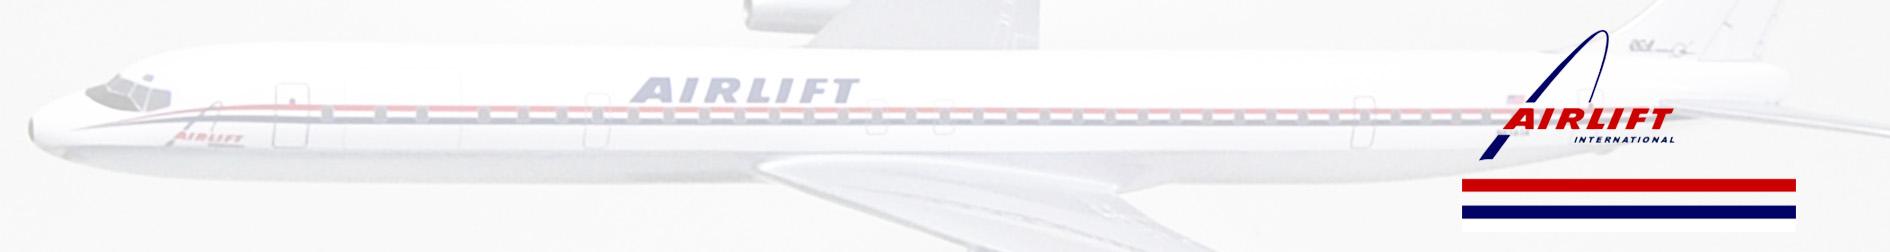 airlift.jpg